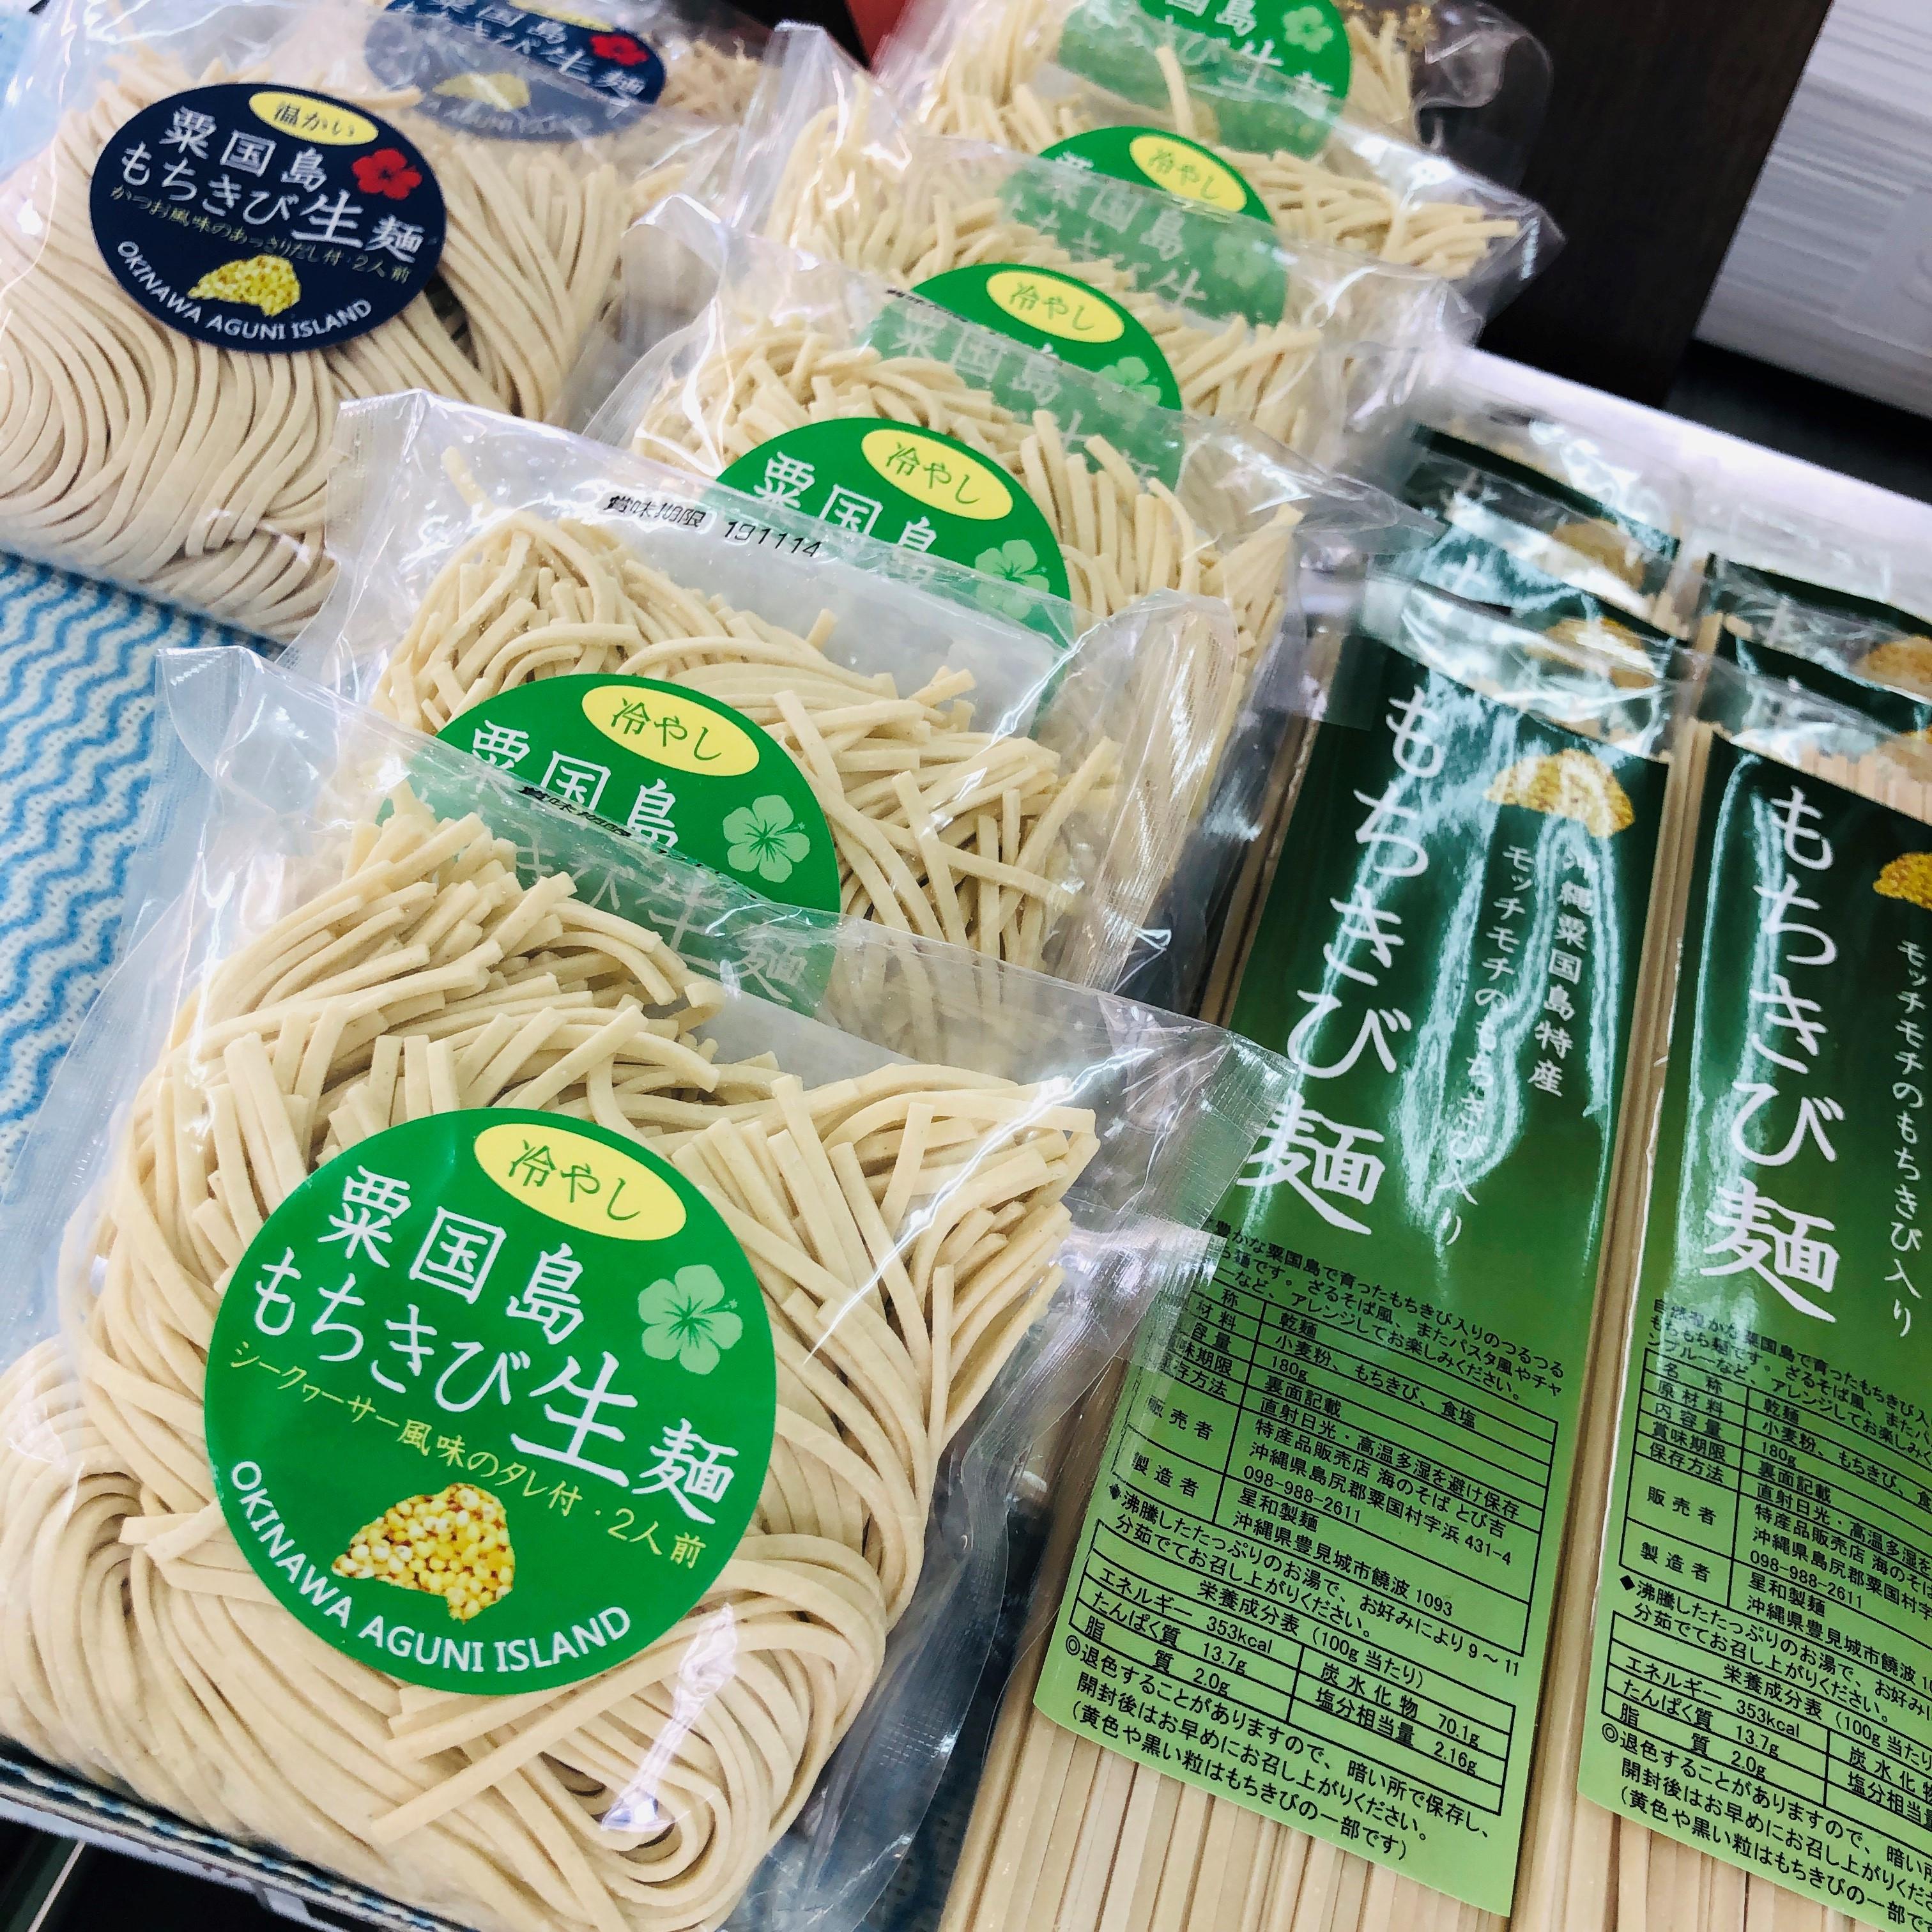 粟国島特産の「もちきび麺」